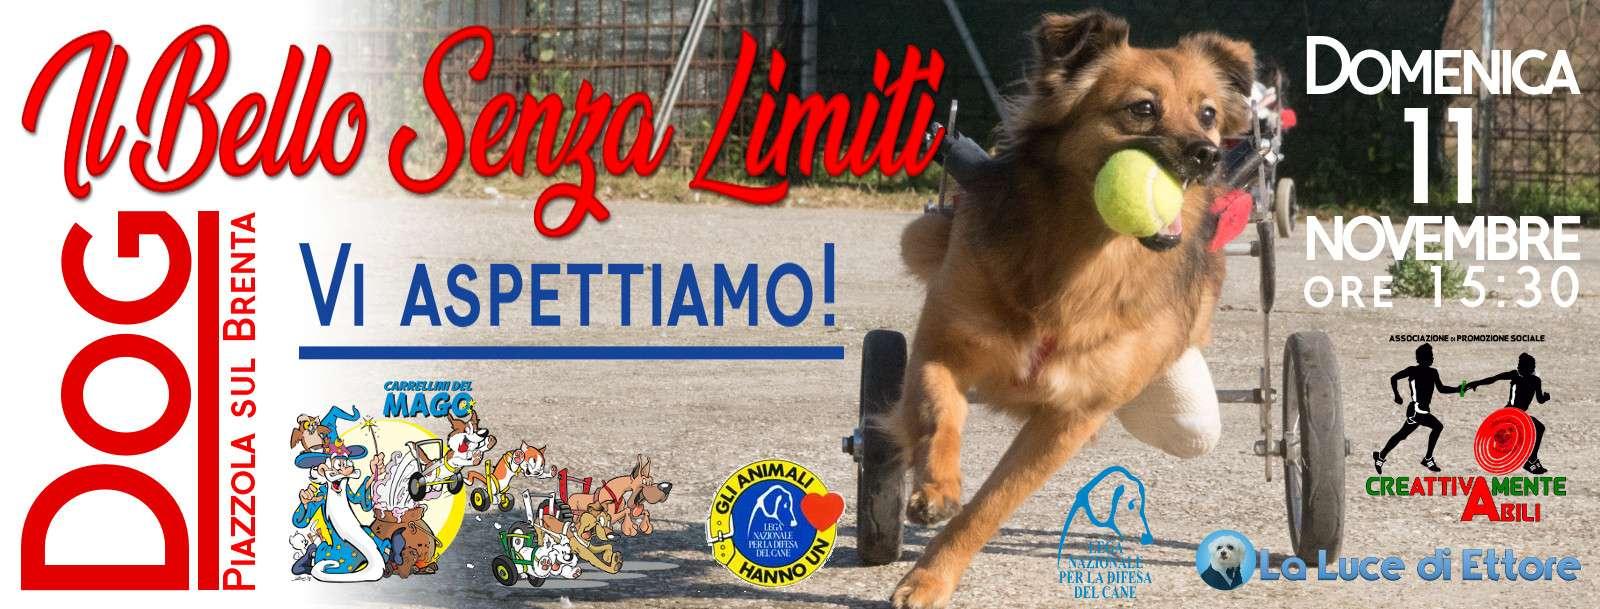 Il bello senza limiti - Dog